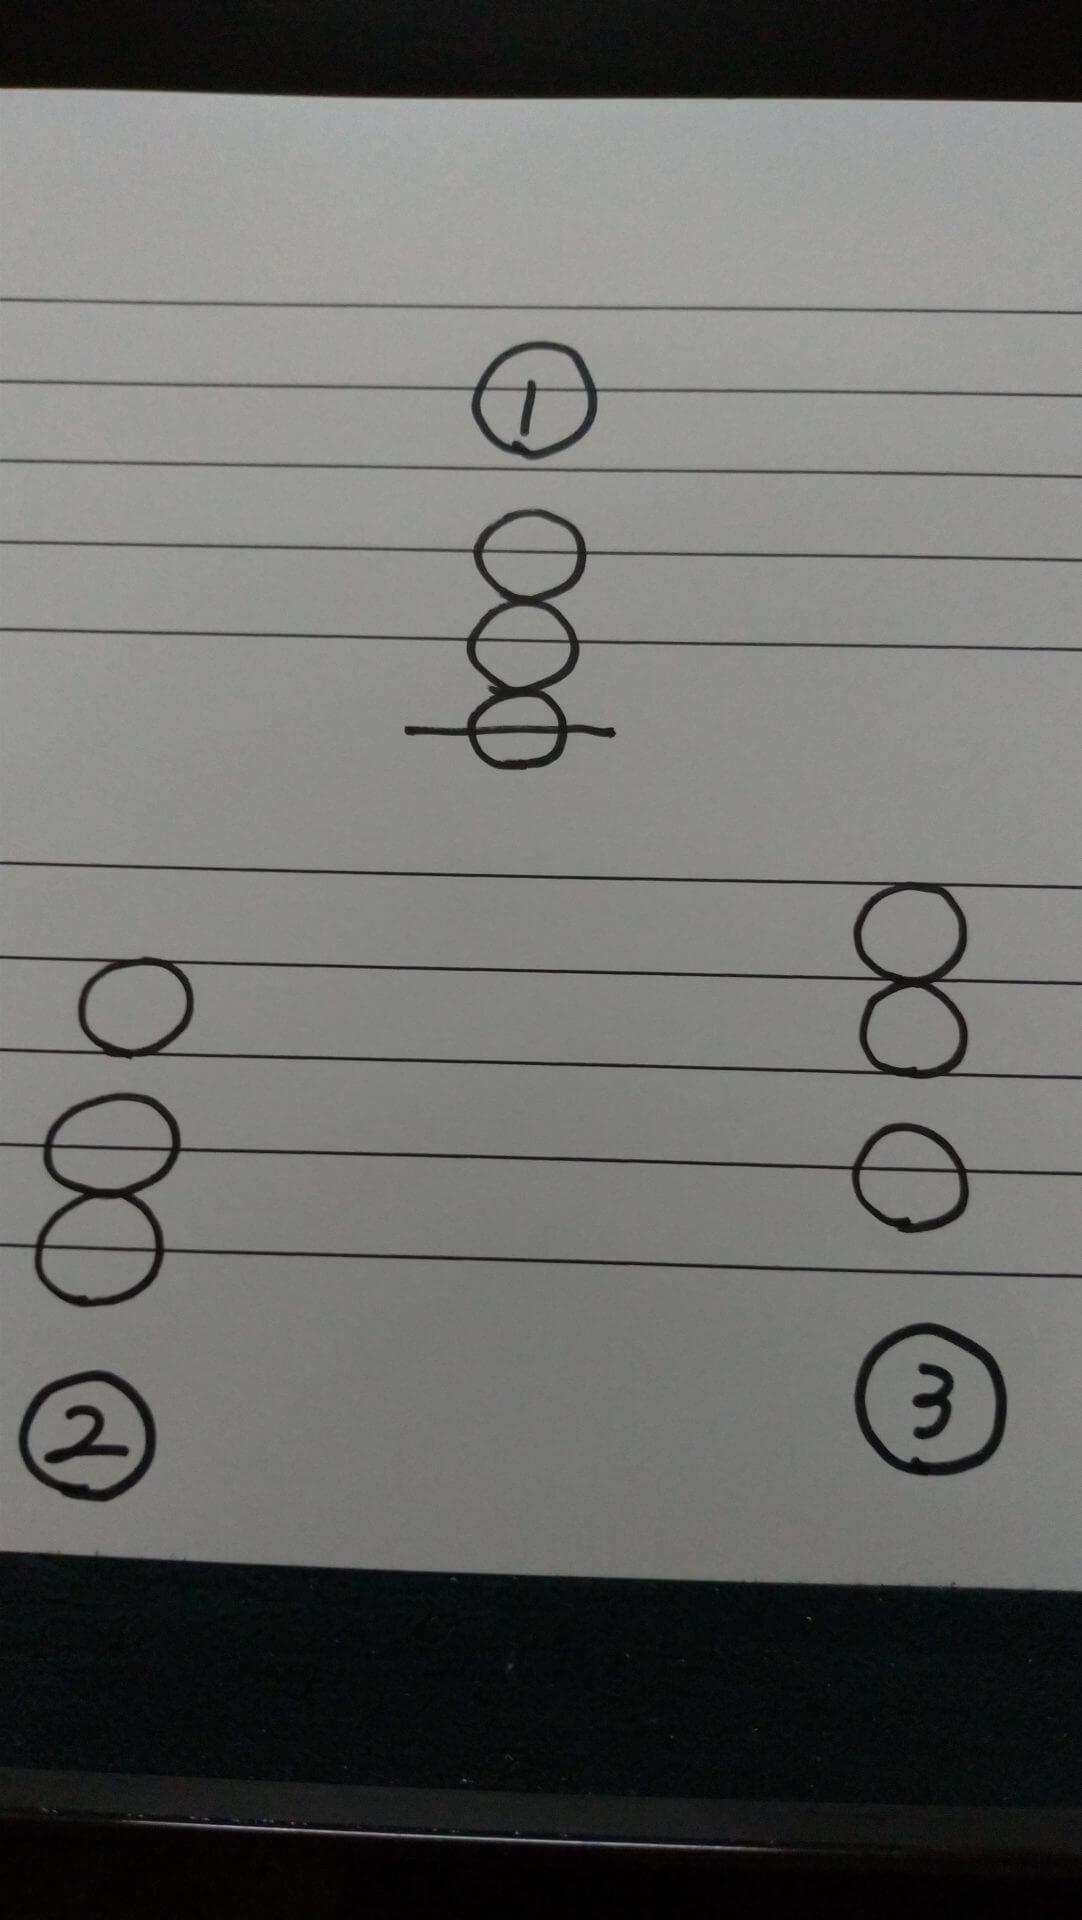 五線紙に和音を3つ書いた写真